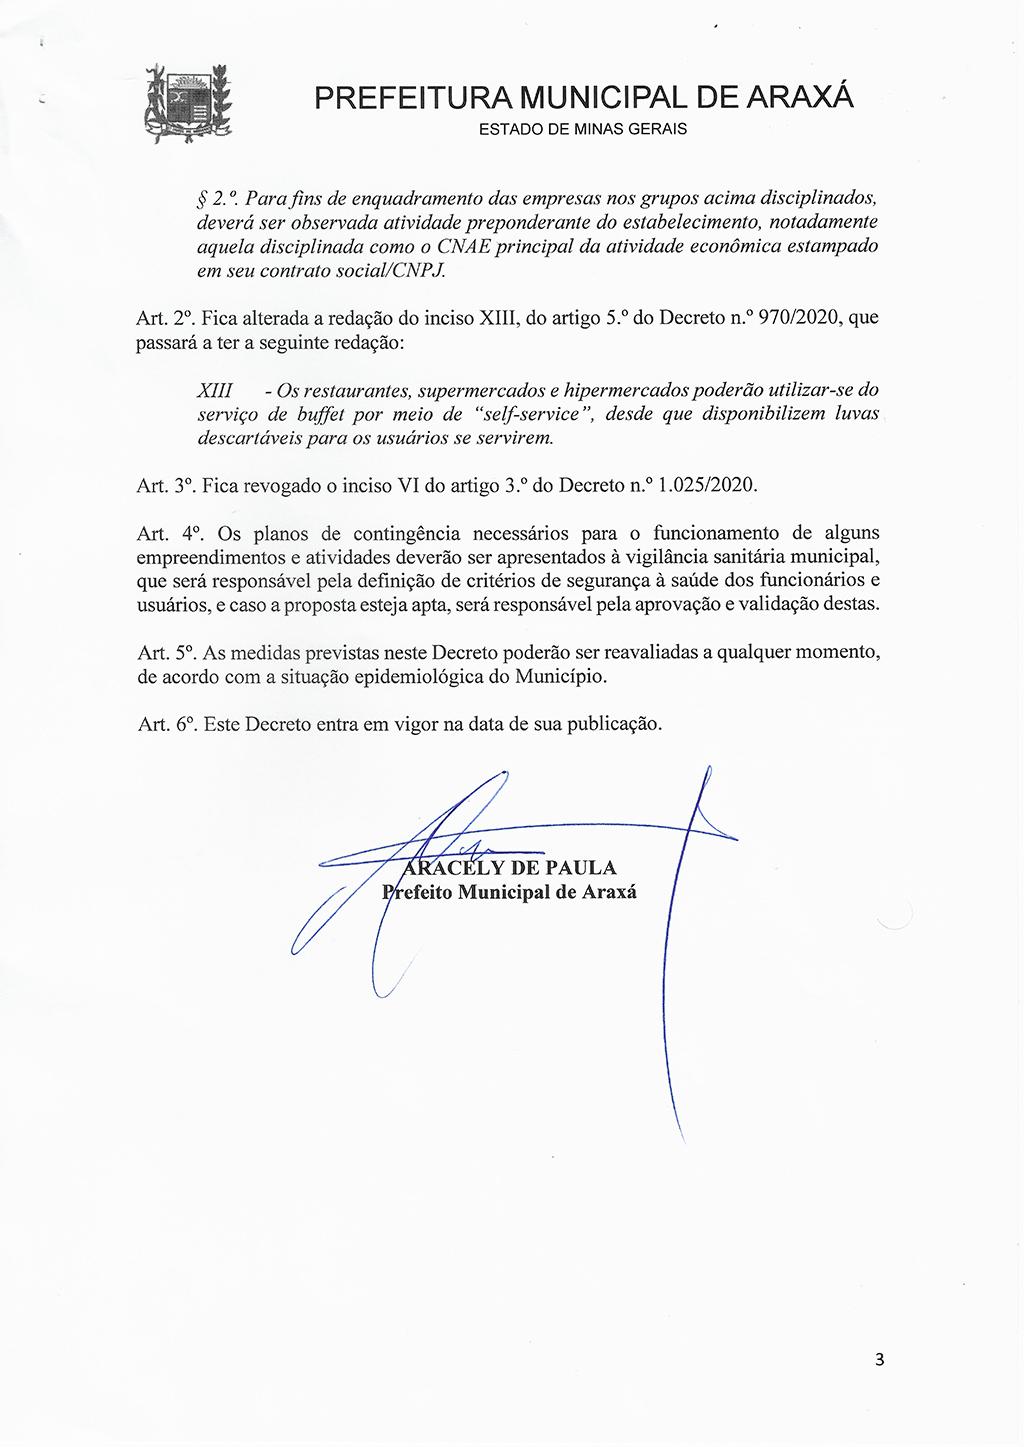 Prefeitura e Comitê de Enfrentamento à Covid-19 liberam funcionamento do comércio em horário normal 3